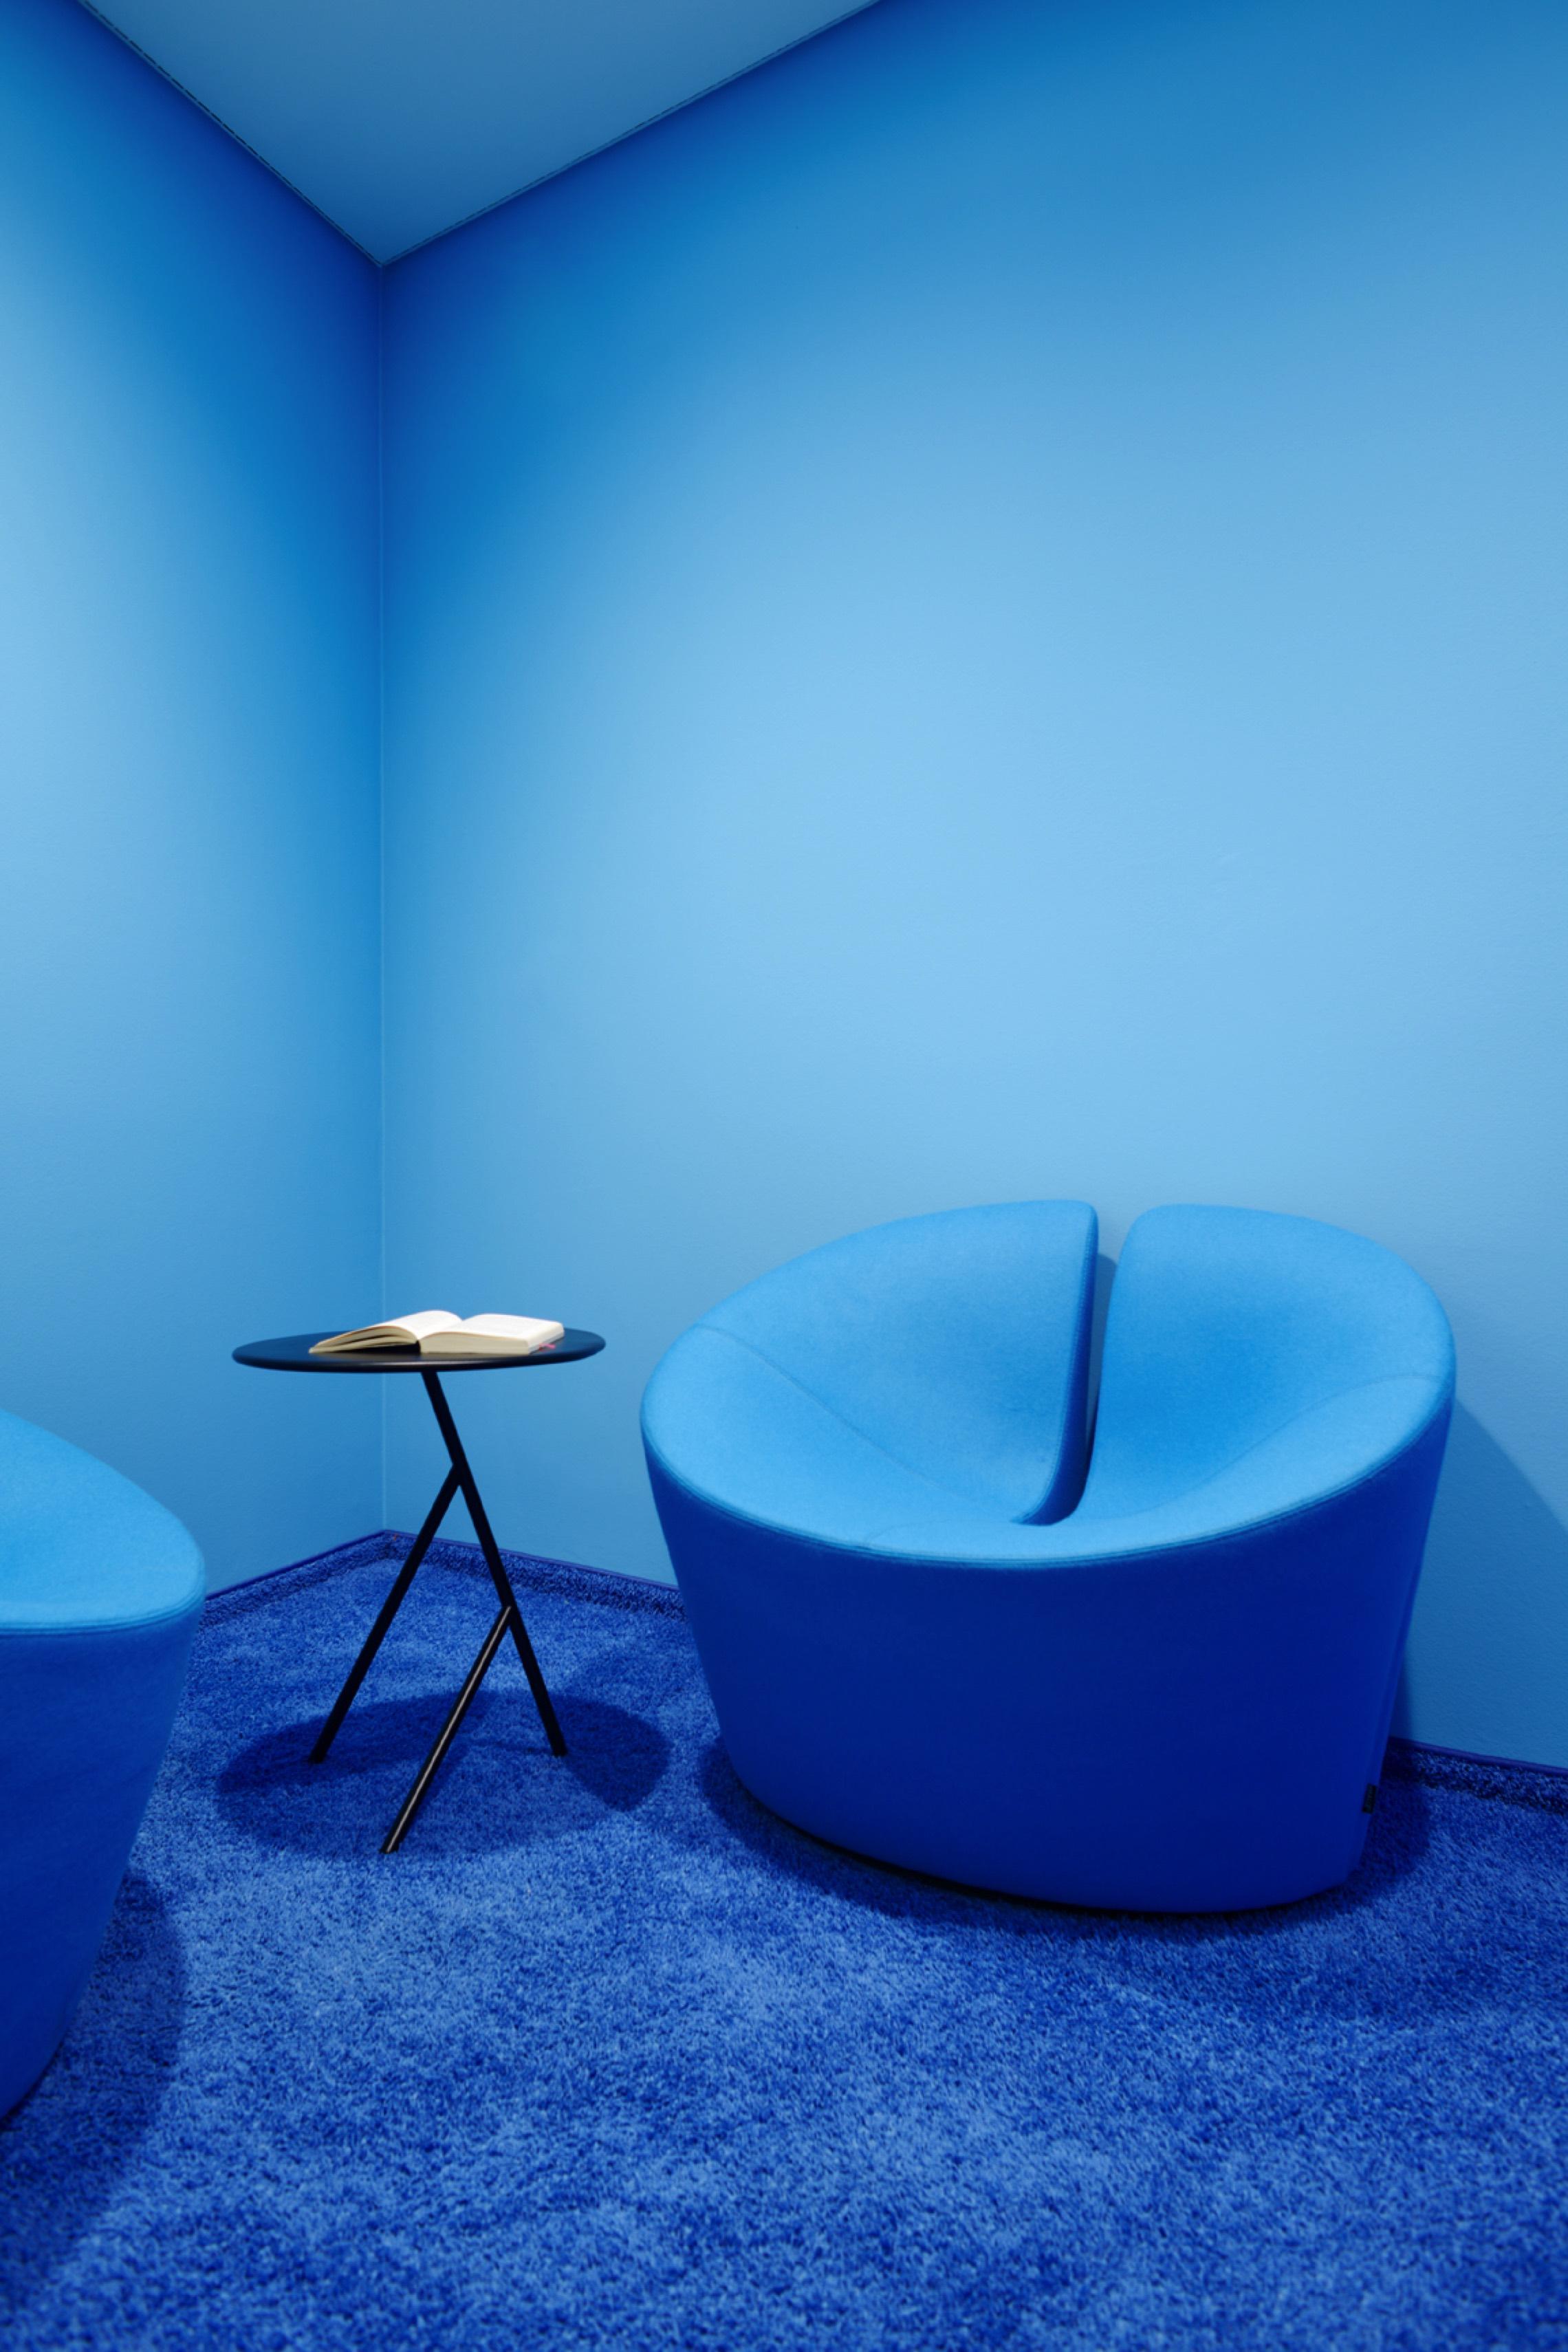 drees sommer hamburg office inspiration. Black Bedroom Furniture Sets. Home Design Ideas